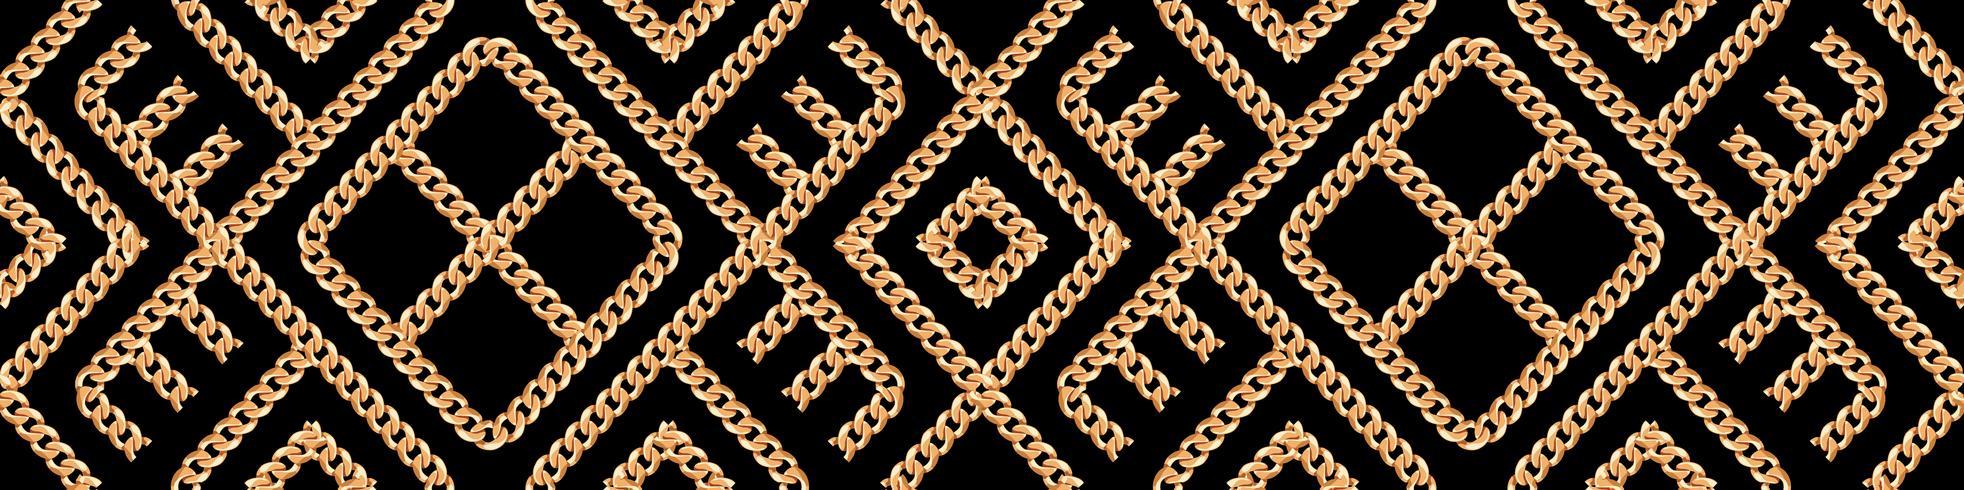 Modèle sans couture d'ornement géométrique de chaîne en or sur fond noir. Illustration vectorielle